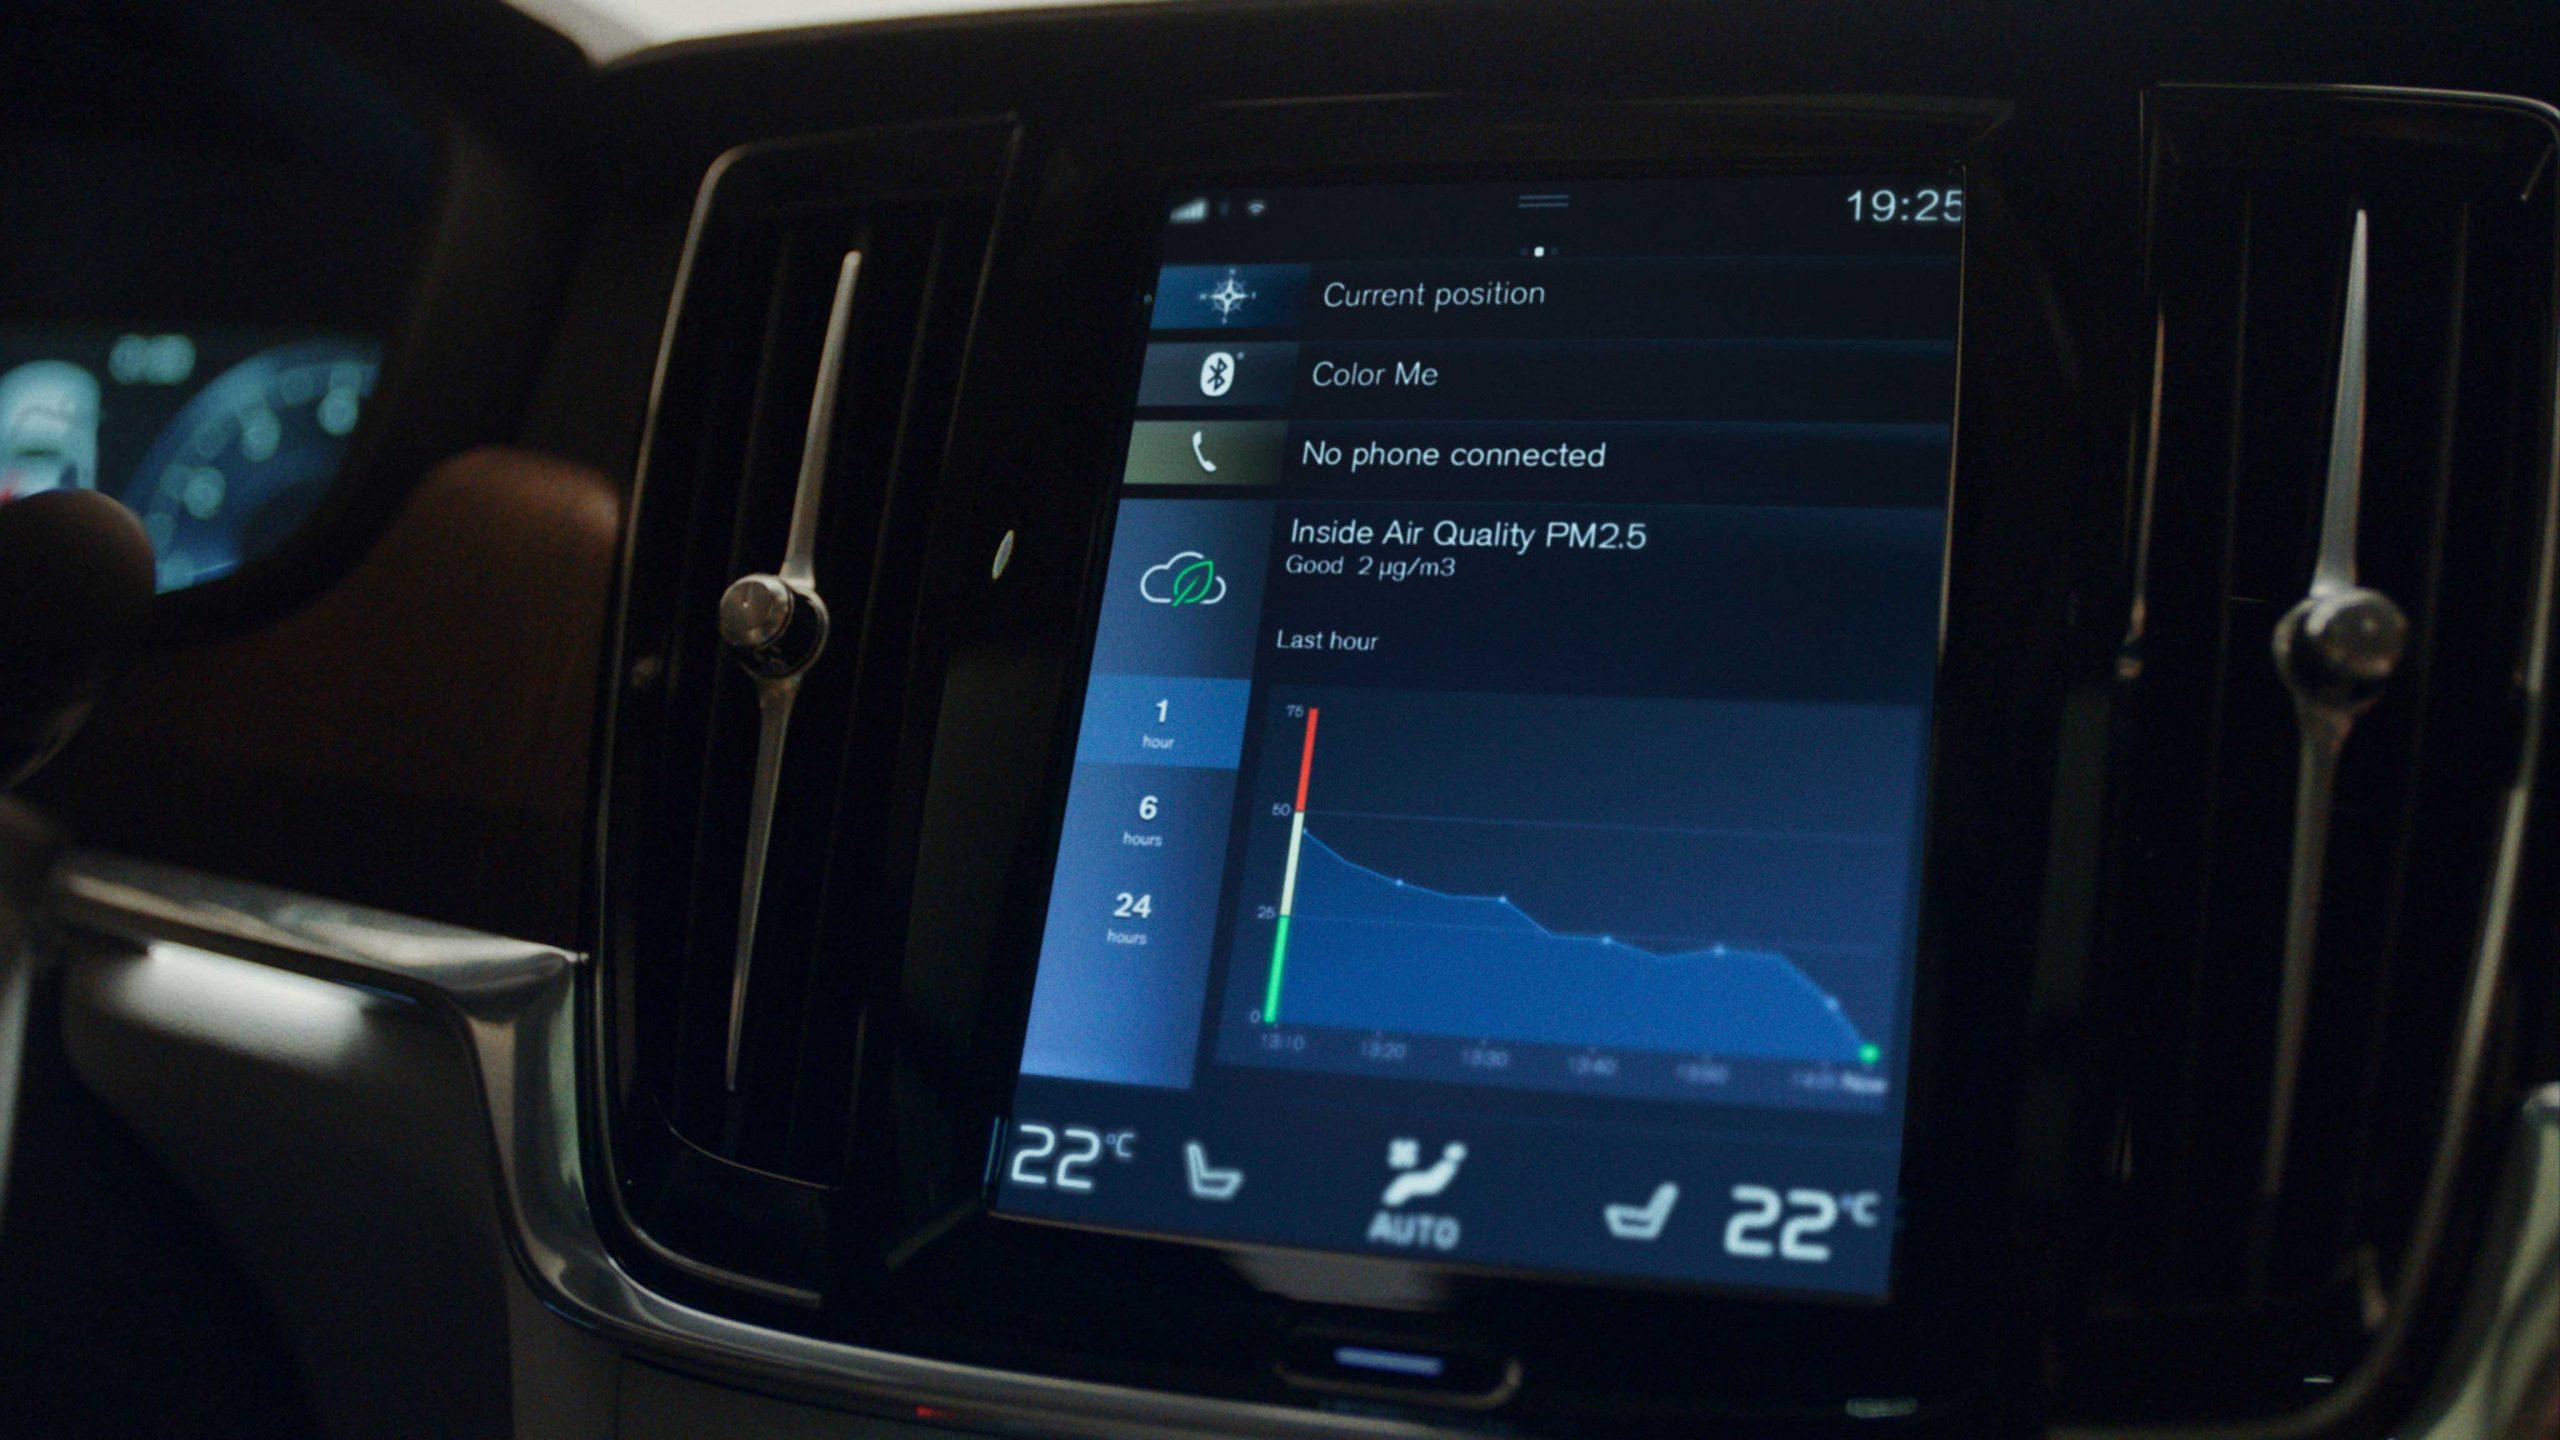 Hít thở không khí trong lành bên trong xe Volvo với công nghệ xử lý chất lượng không khí bằng công nghệ hàng đầu thế giới.